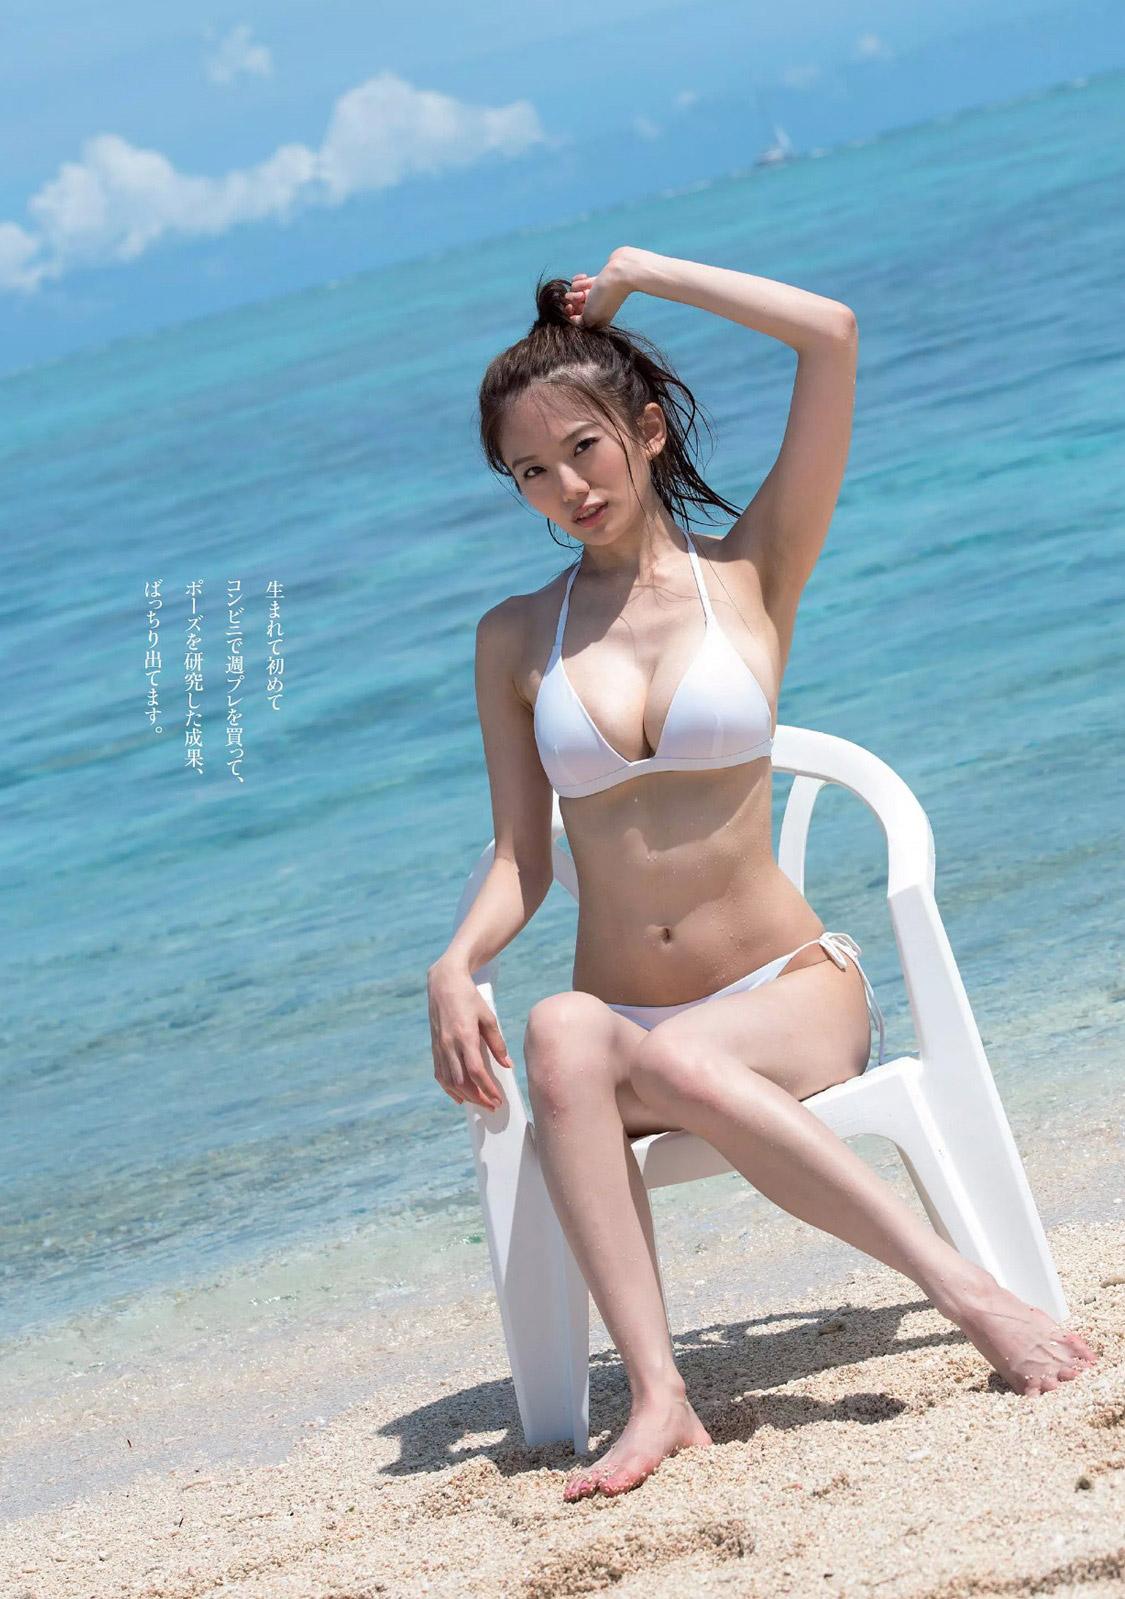 伊東紗冶子(23)Gカップキャスターの水着グラビア画像128枚・40枚目の画像